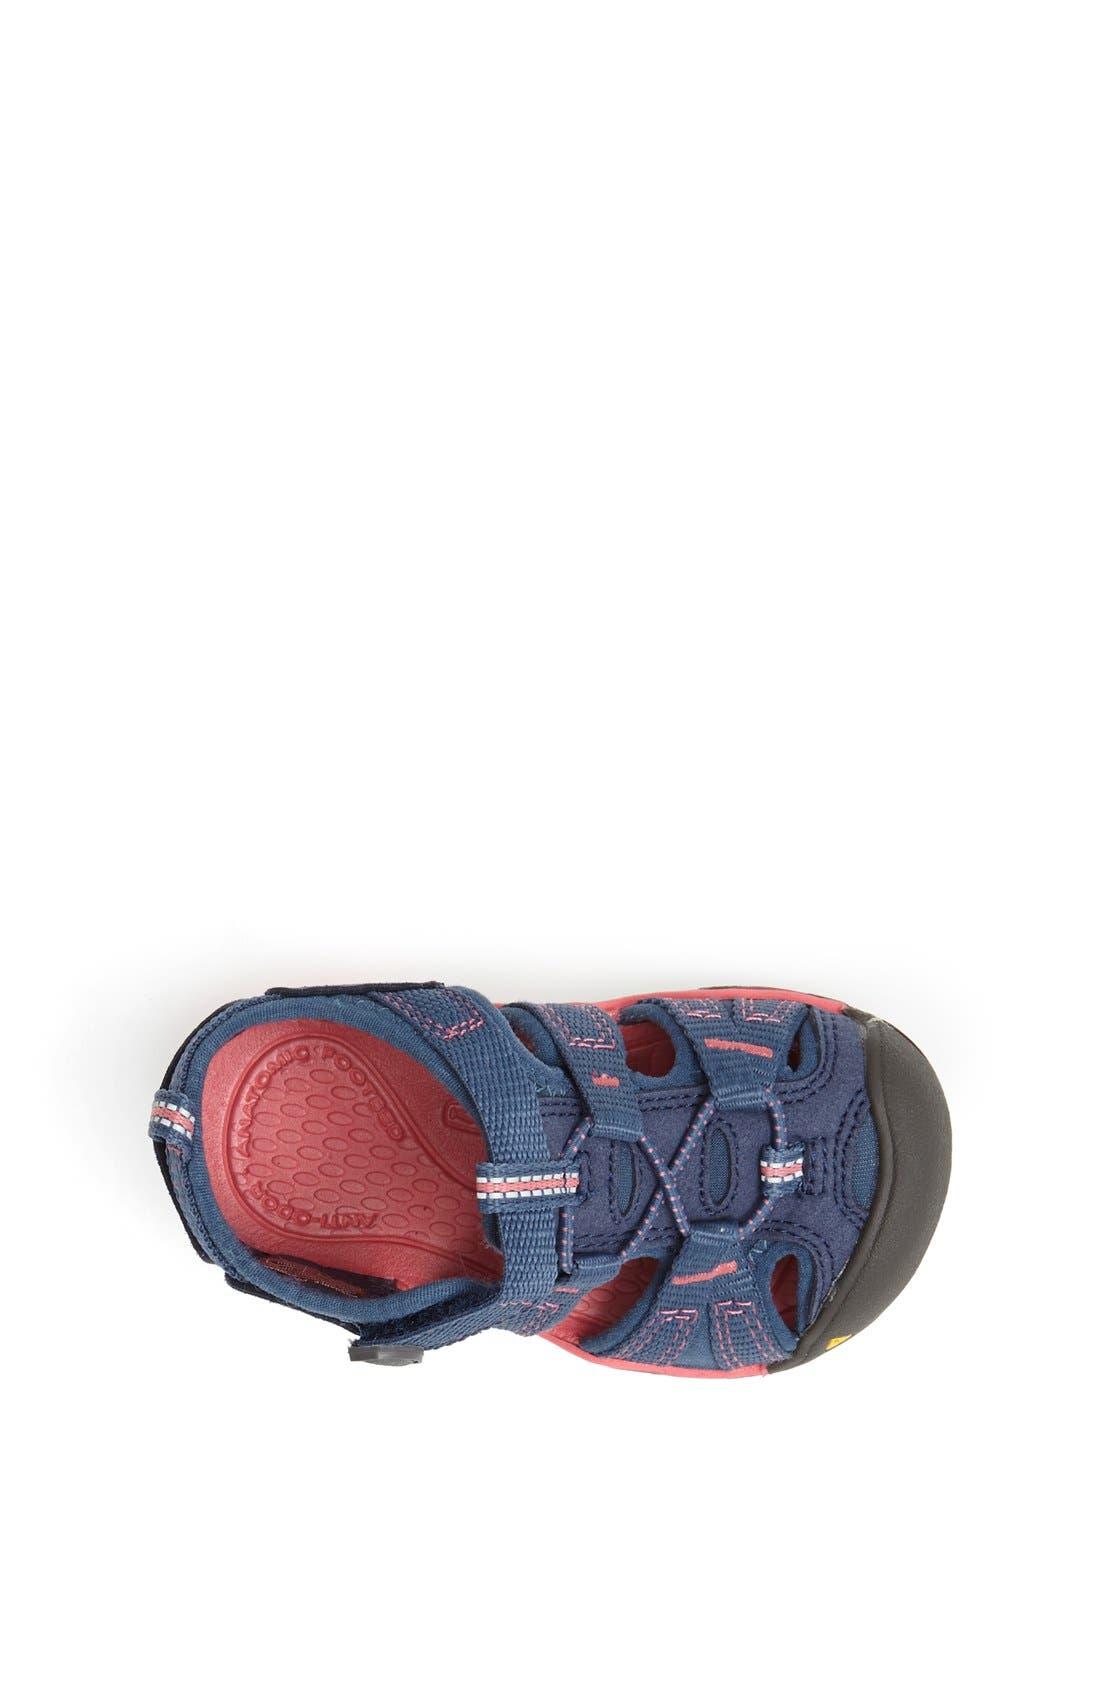 Alternate Image 3  - Keen 'Seacamp II' Waterproof Sandal (Baby & Walker)